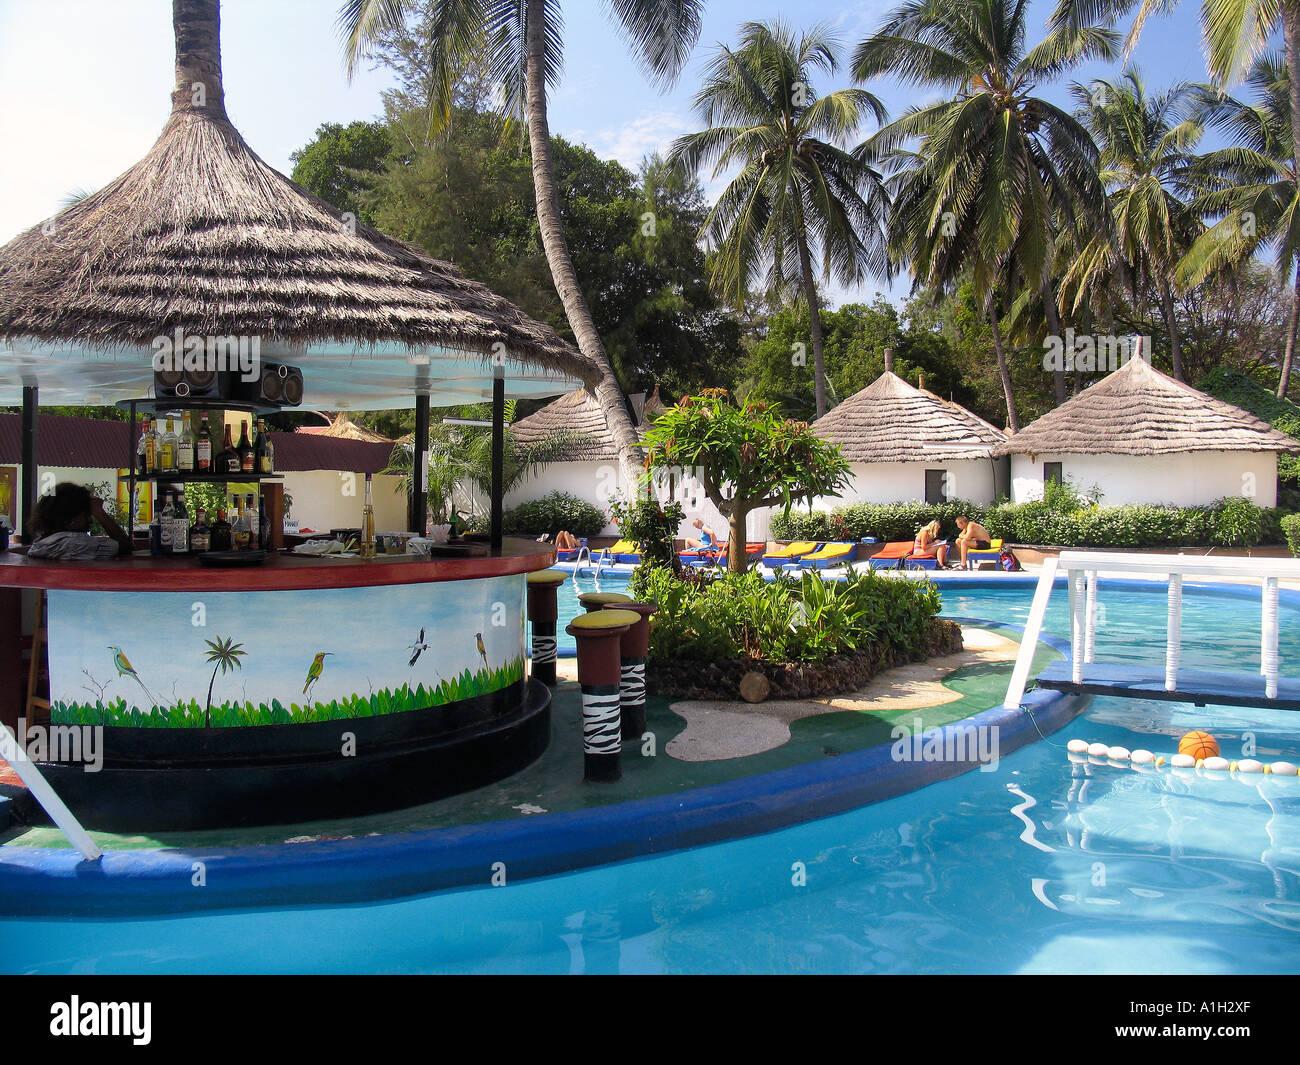 Island pool bar and bungalows African Village Hotel Bakau ...  Island pool bar...